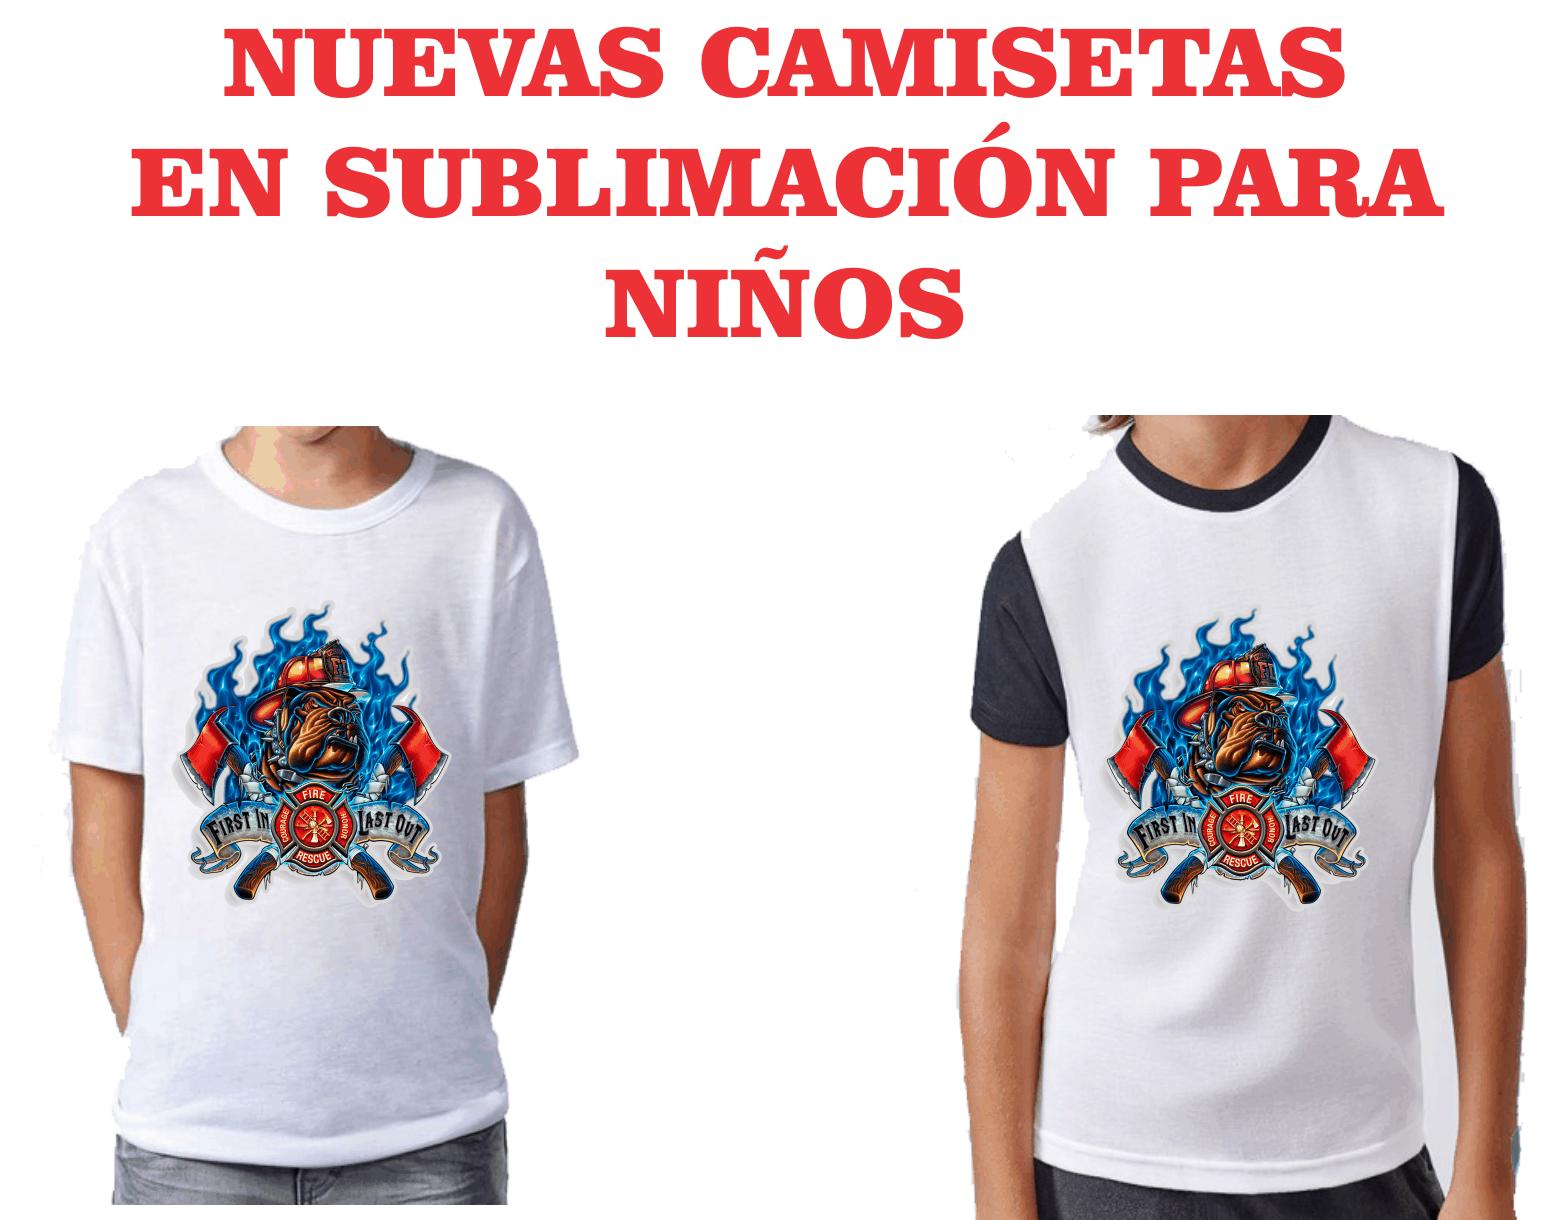 Camisetas para niños en sublimación